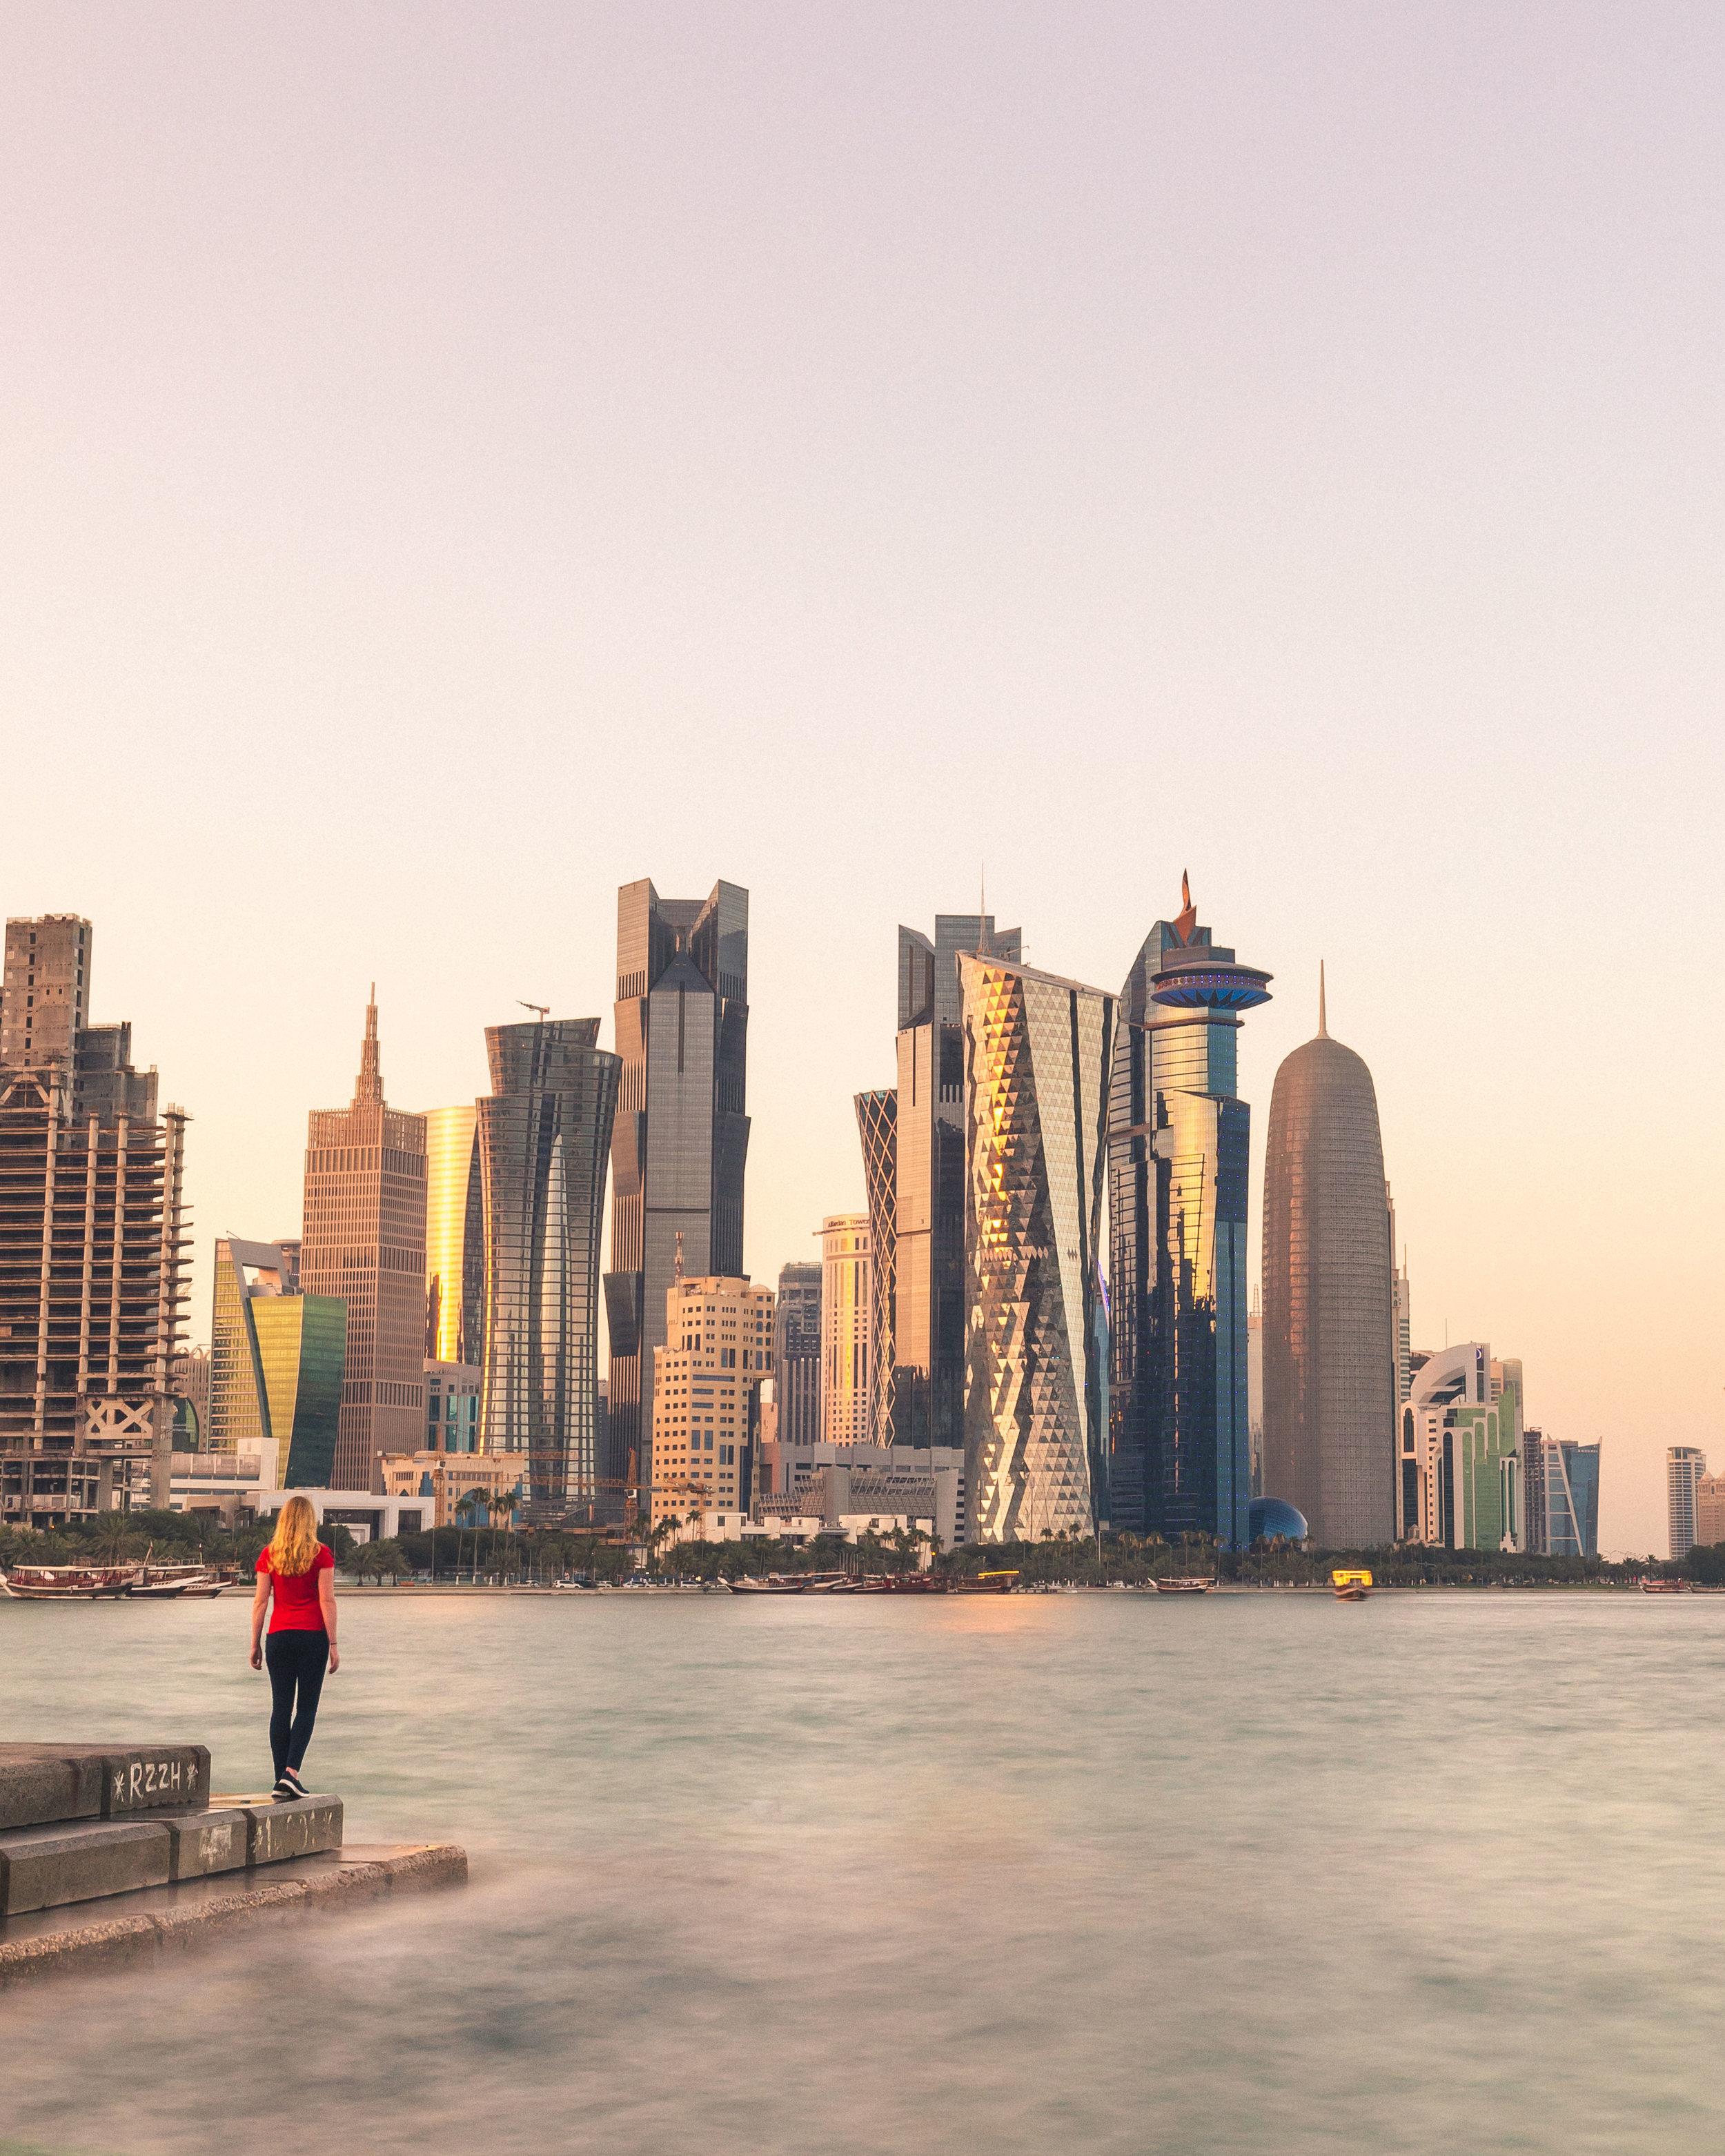 The Corniche - 2 day stopover in Doha